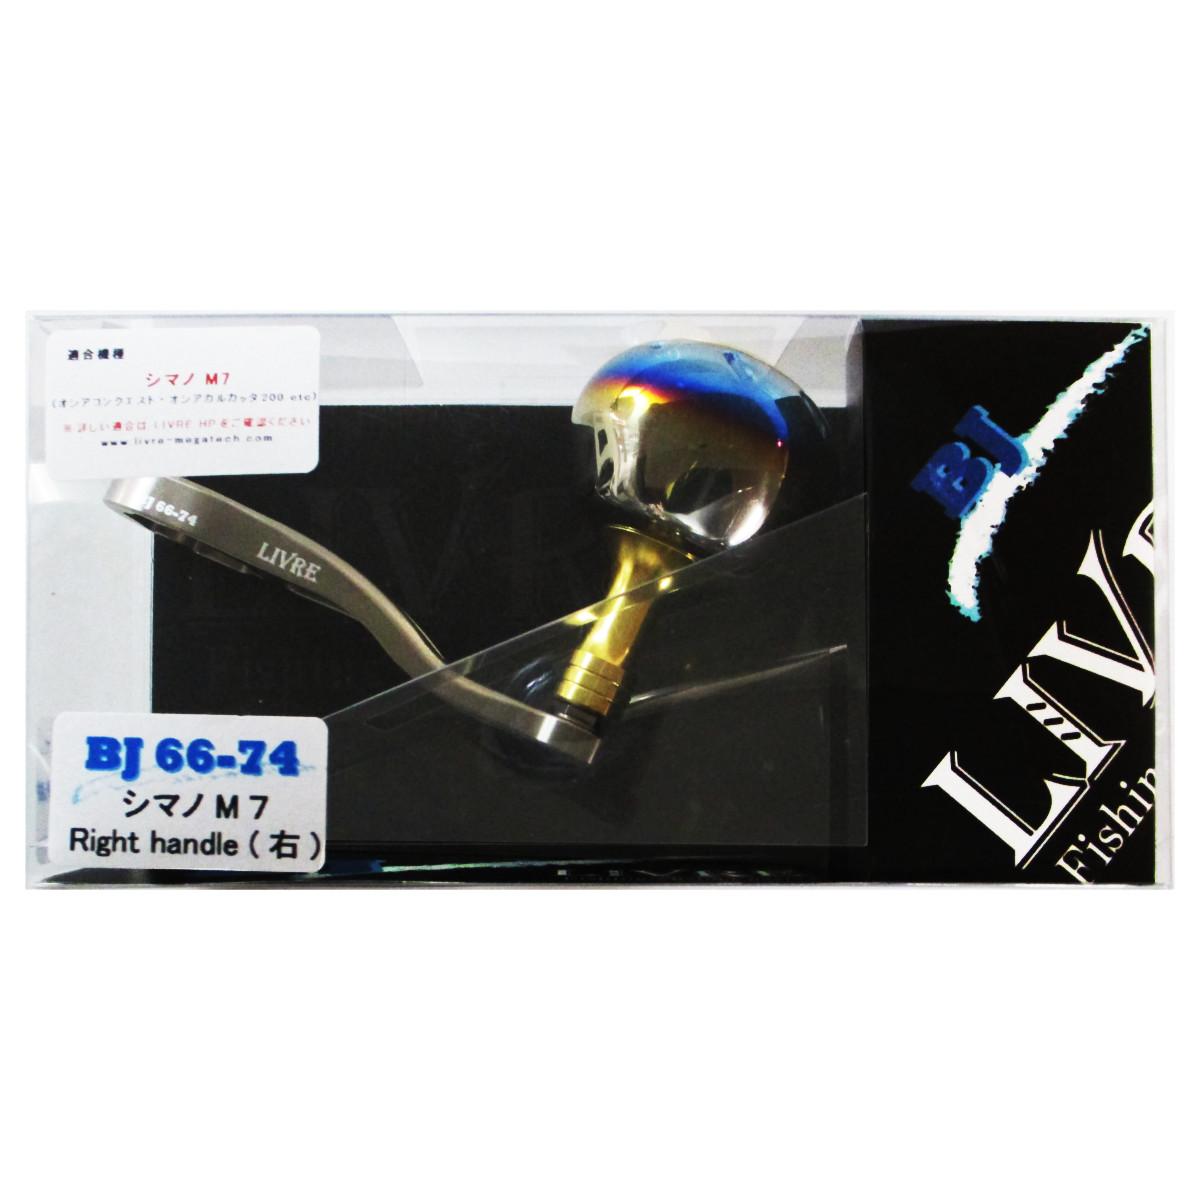 上質で快適 リブレ BJ66-74 BJ-67M7R-TIGMT6544 リブレ BJ-67M7R-TIGMT6544 BJ66-74 チタンP+ゴールドG(東日本店), オウムチョウ:042ff554 --- canoncity.azurewebsites.net